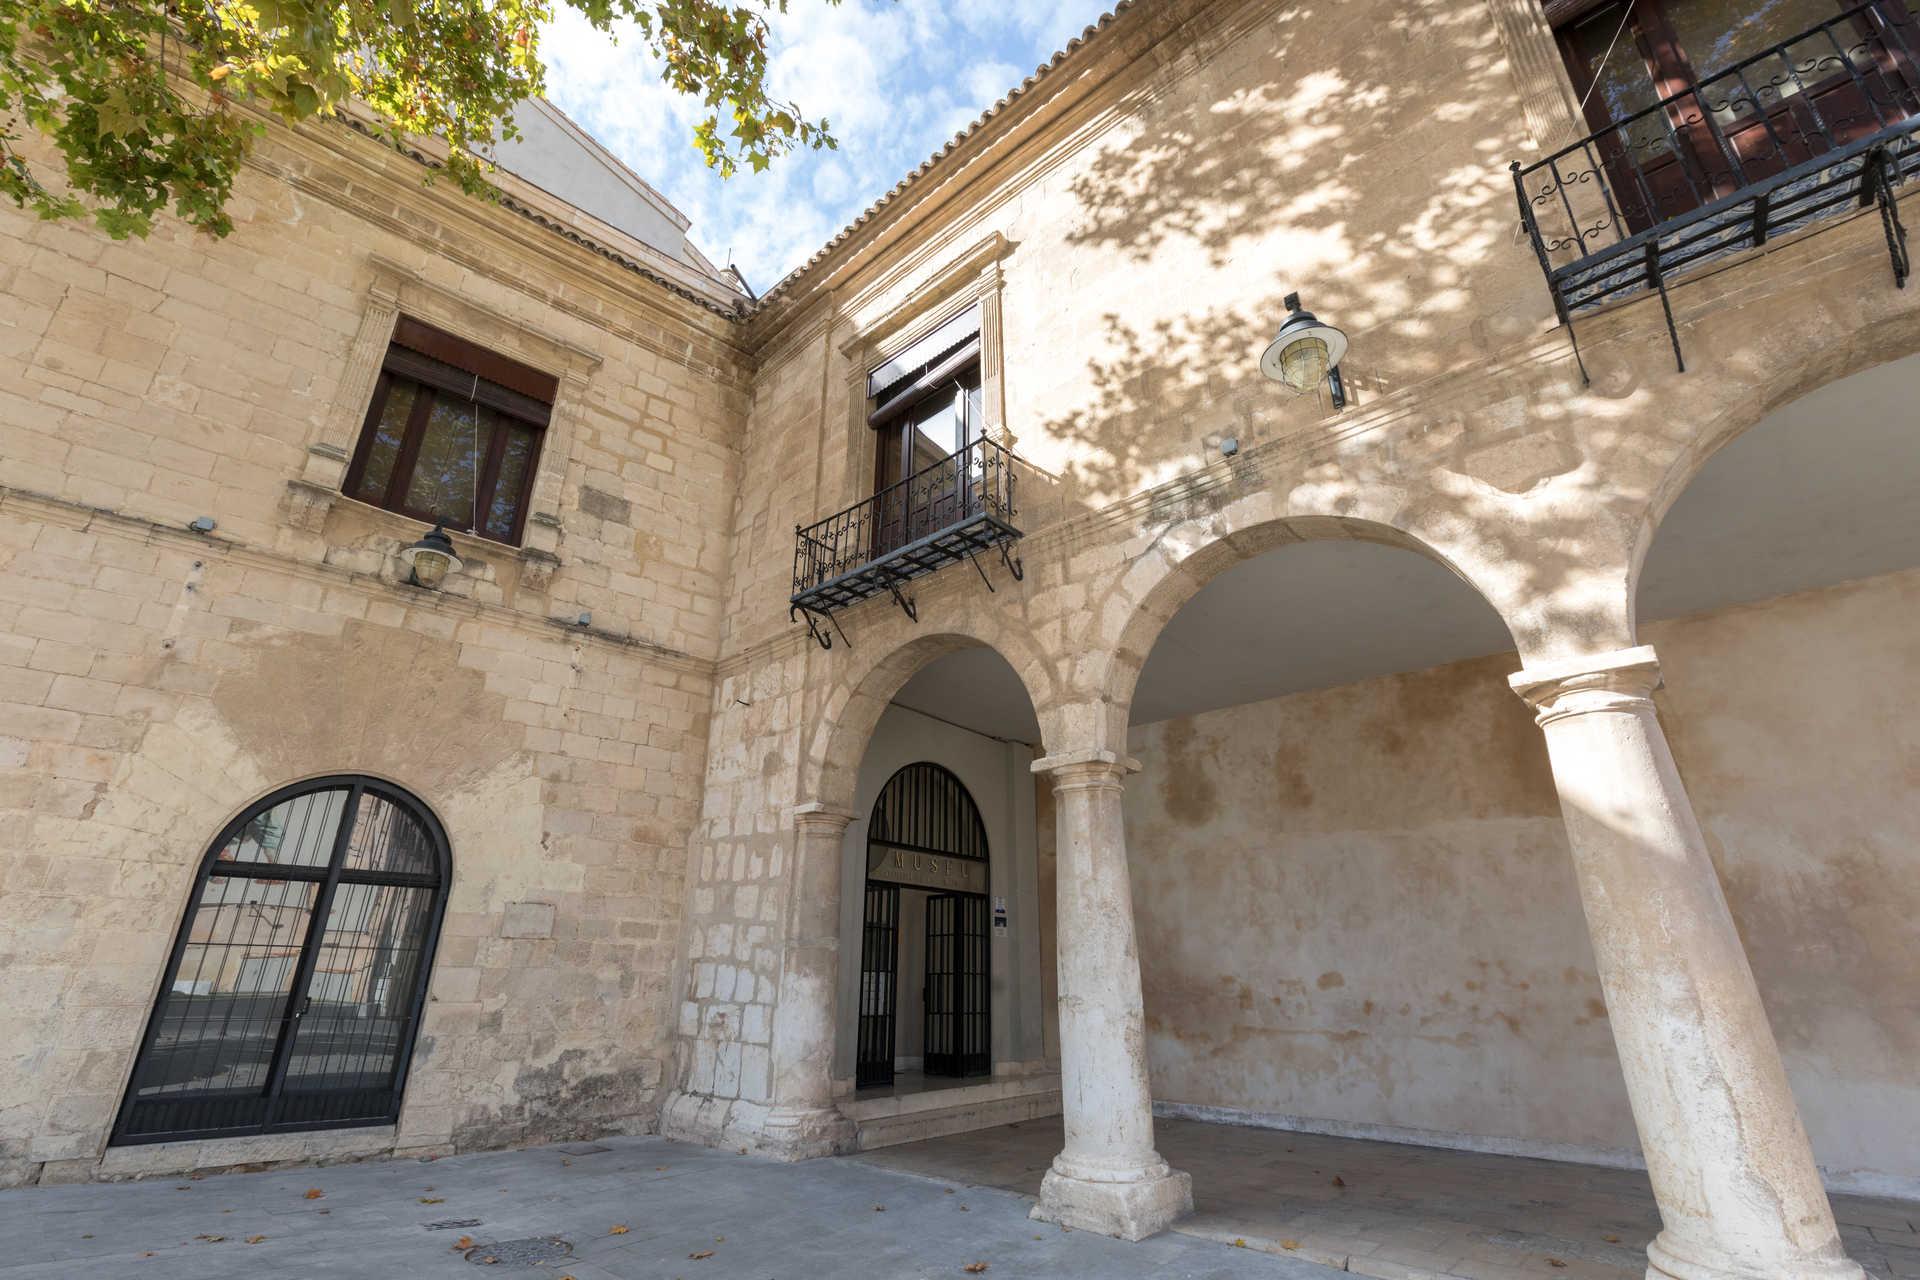 Archäologisches Museum Camil Visedo